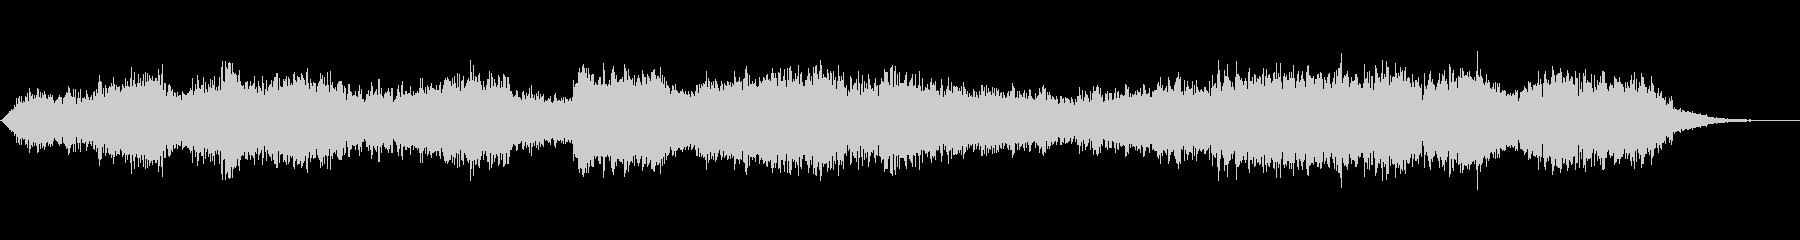 ダークなアンビエント ドローン版の未再生の波形